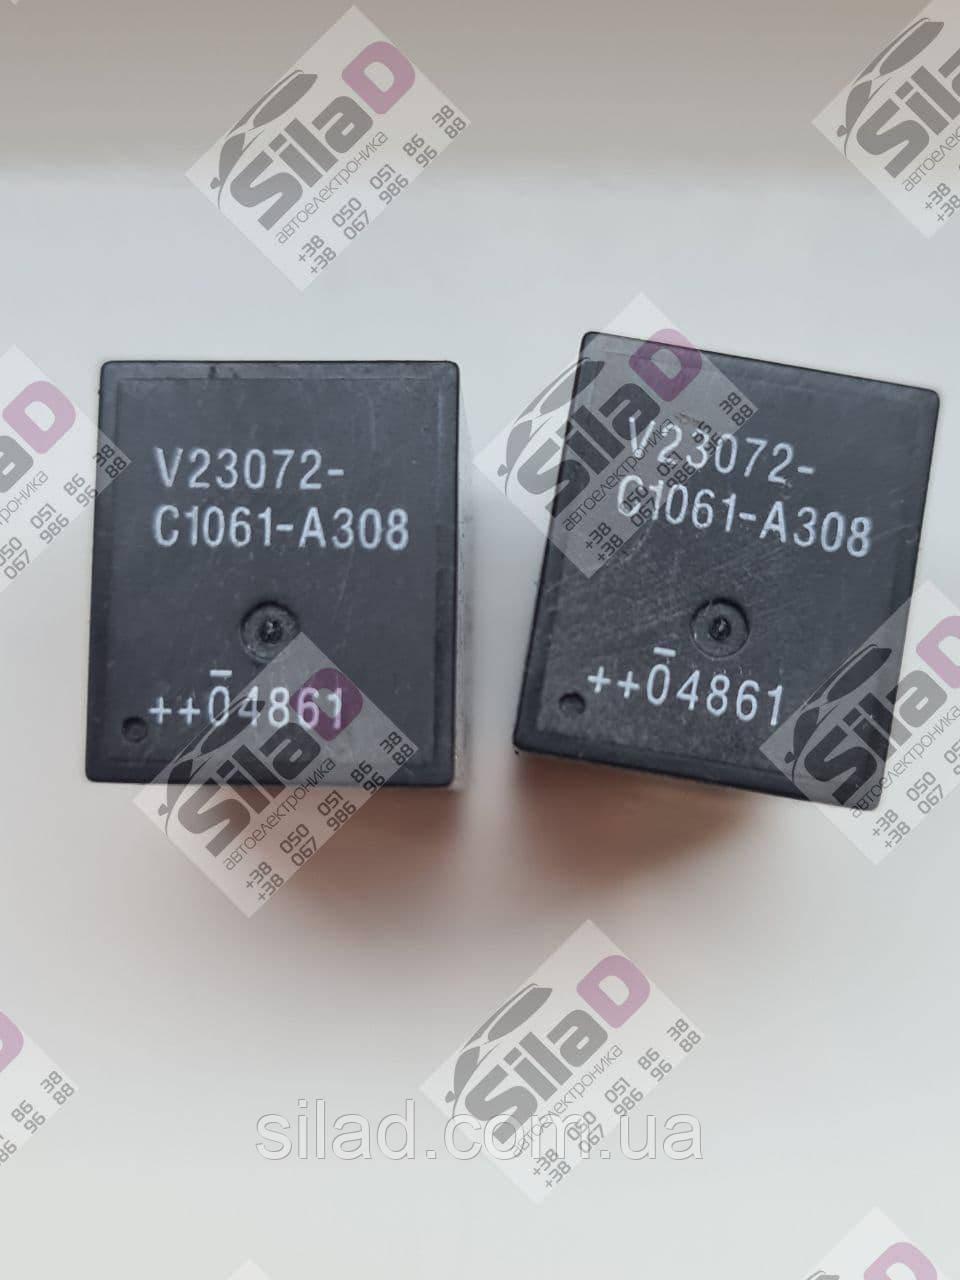 Реле V23072-C1061-A308 12VDC Tyco корпус DIP5